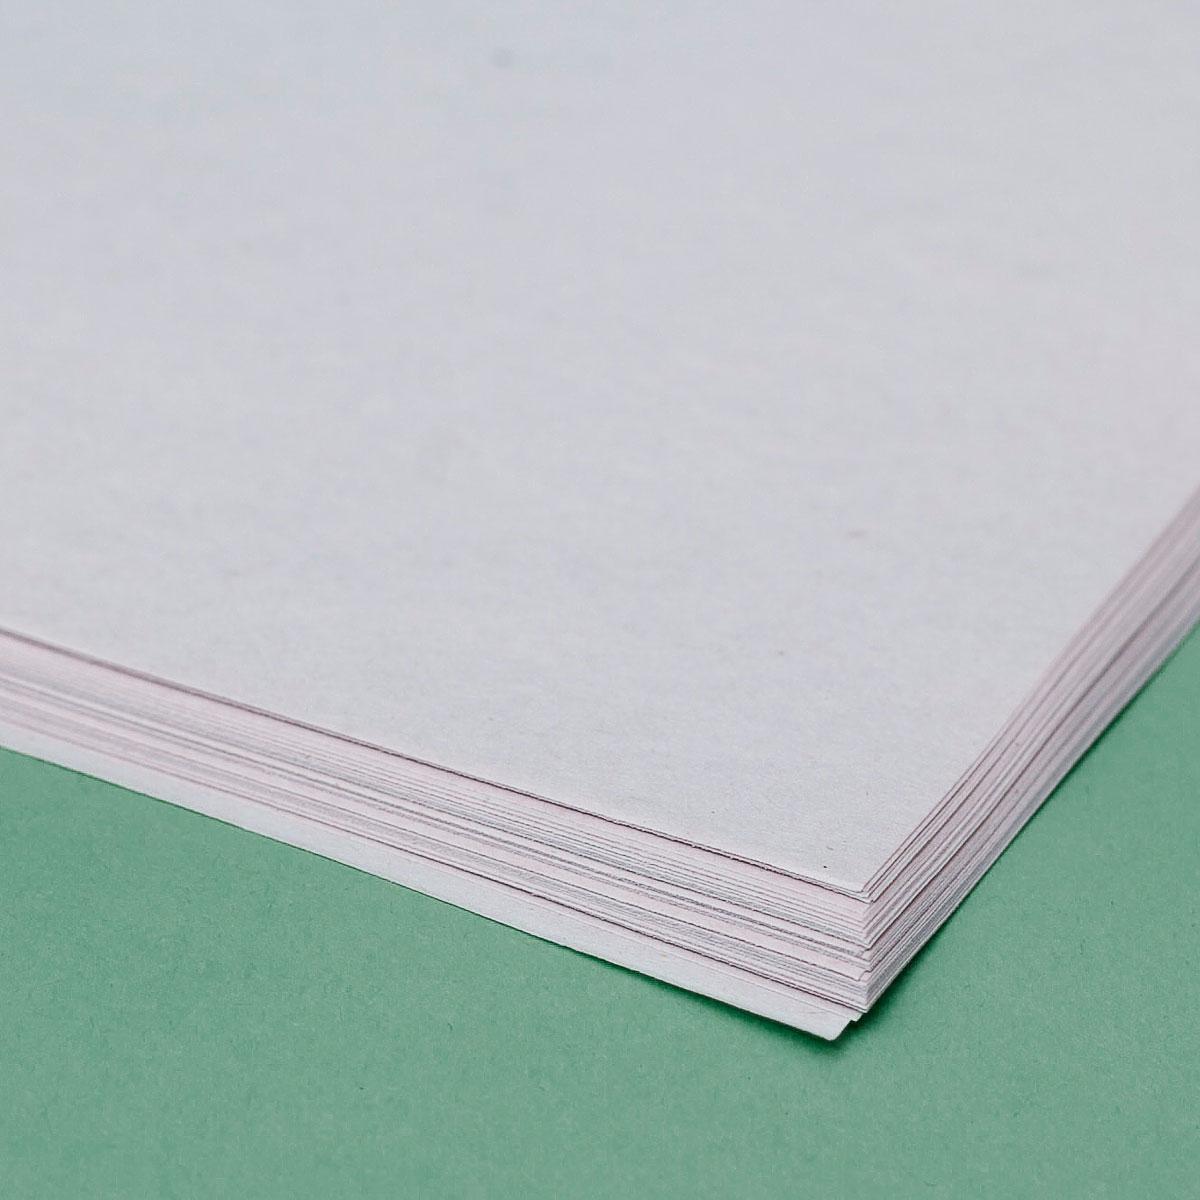 Бумага газетная для печатных изданий 42 гр\м2. Формат А4,А3,А2